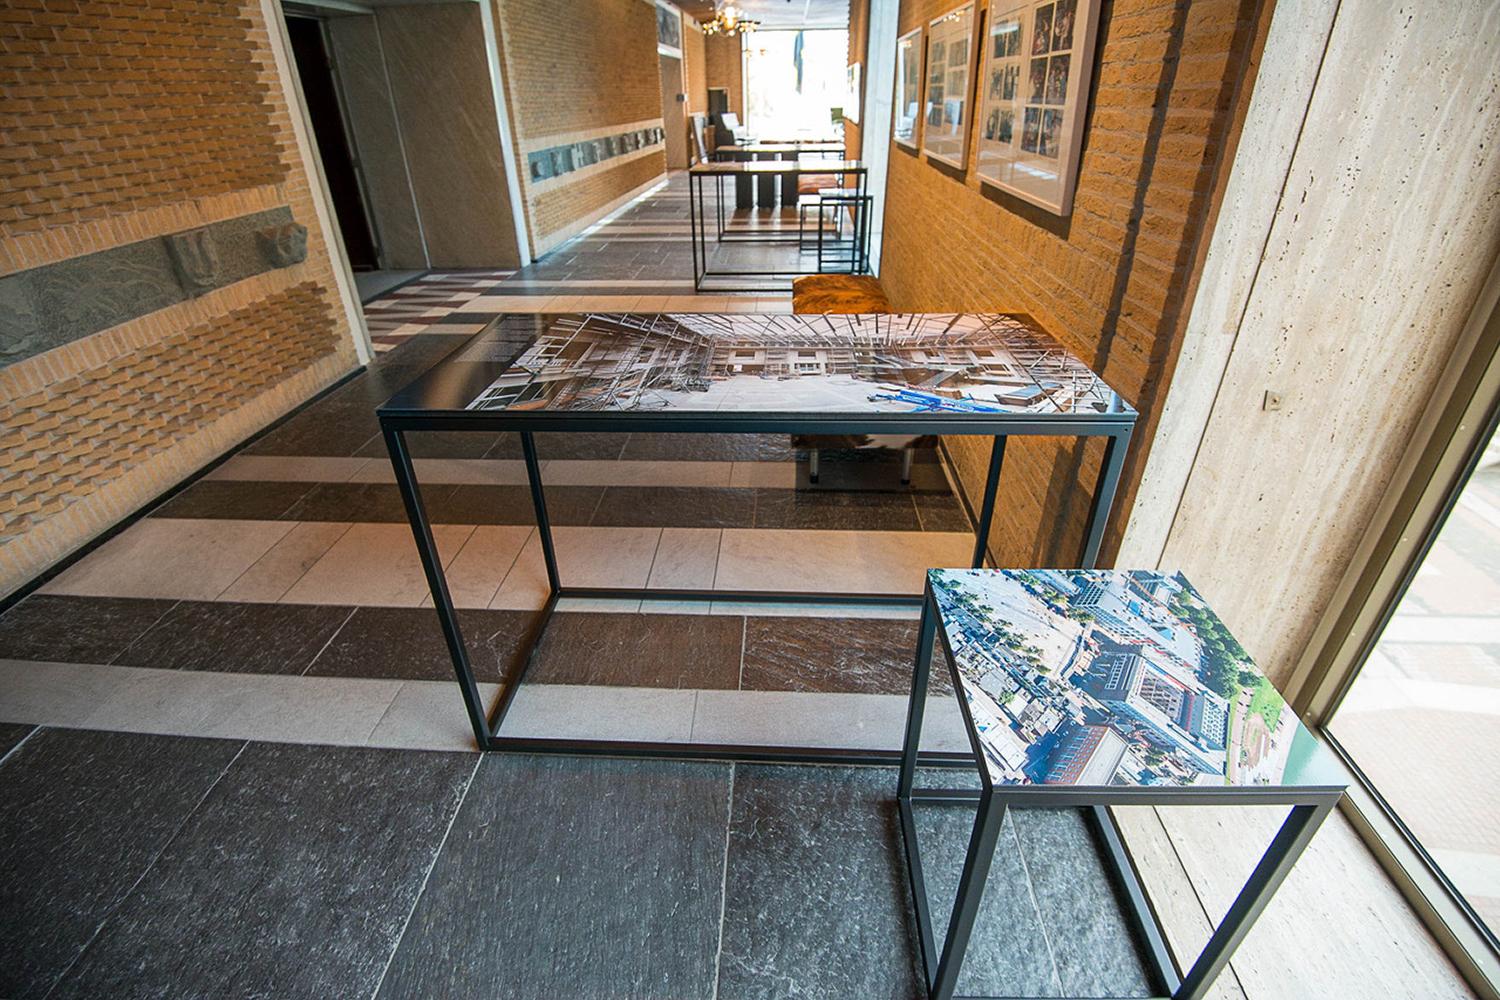 panelen tafels tentoonstelling in provinciehuis